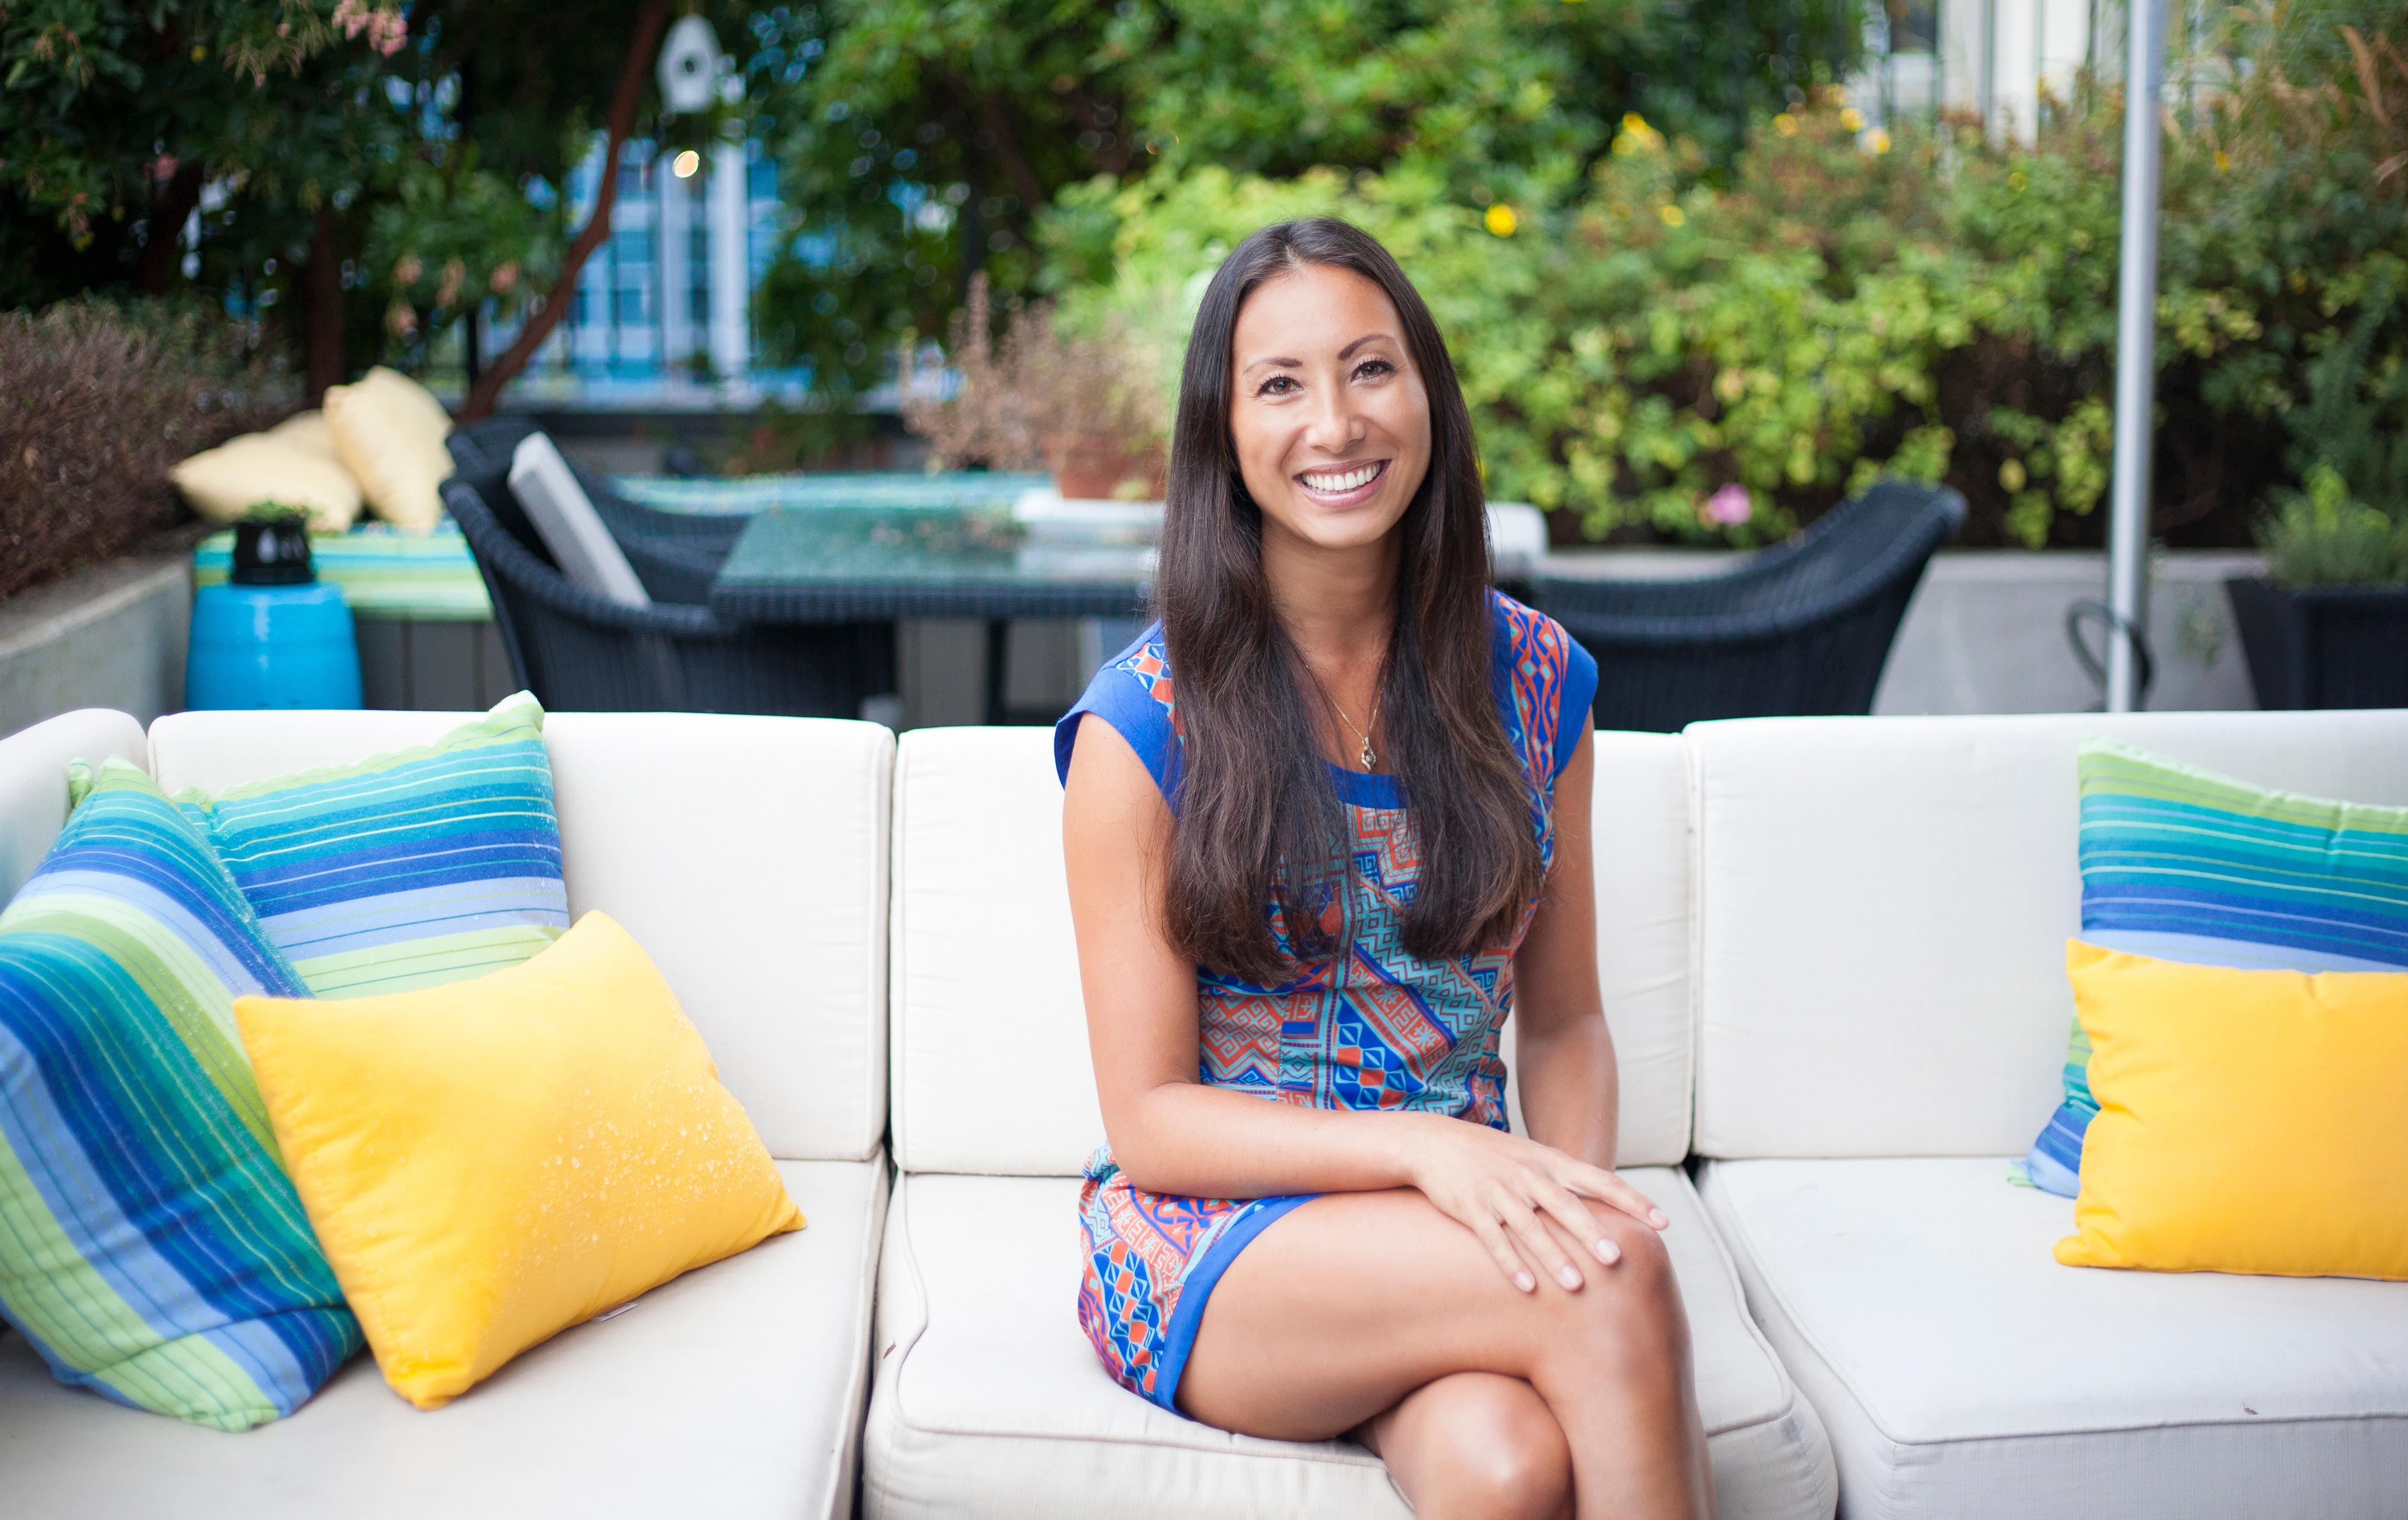 Picture of Victoria Chemko